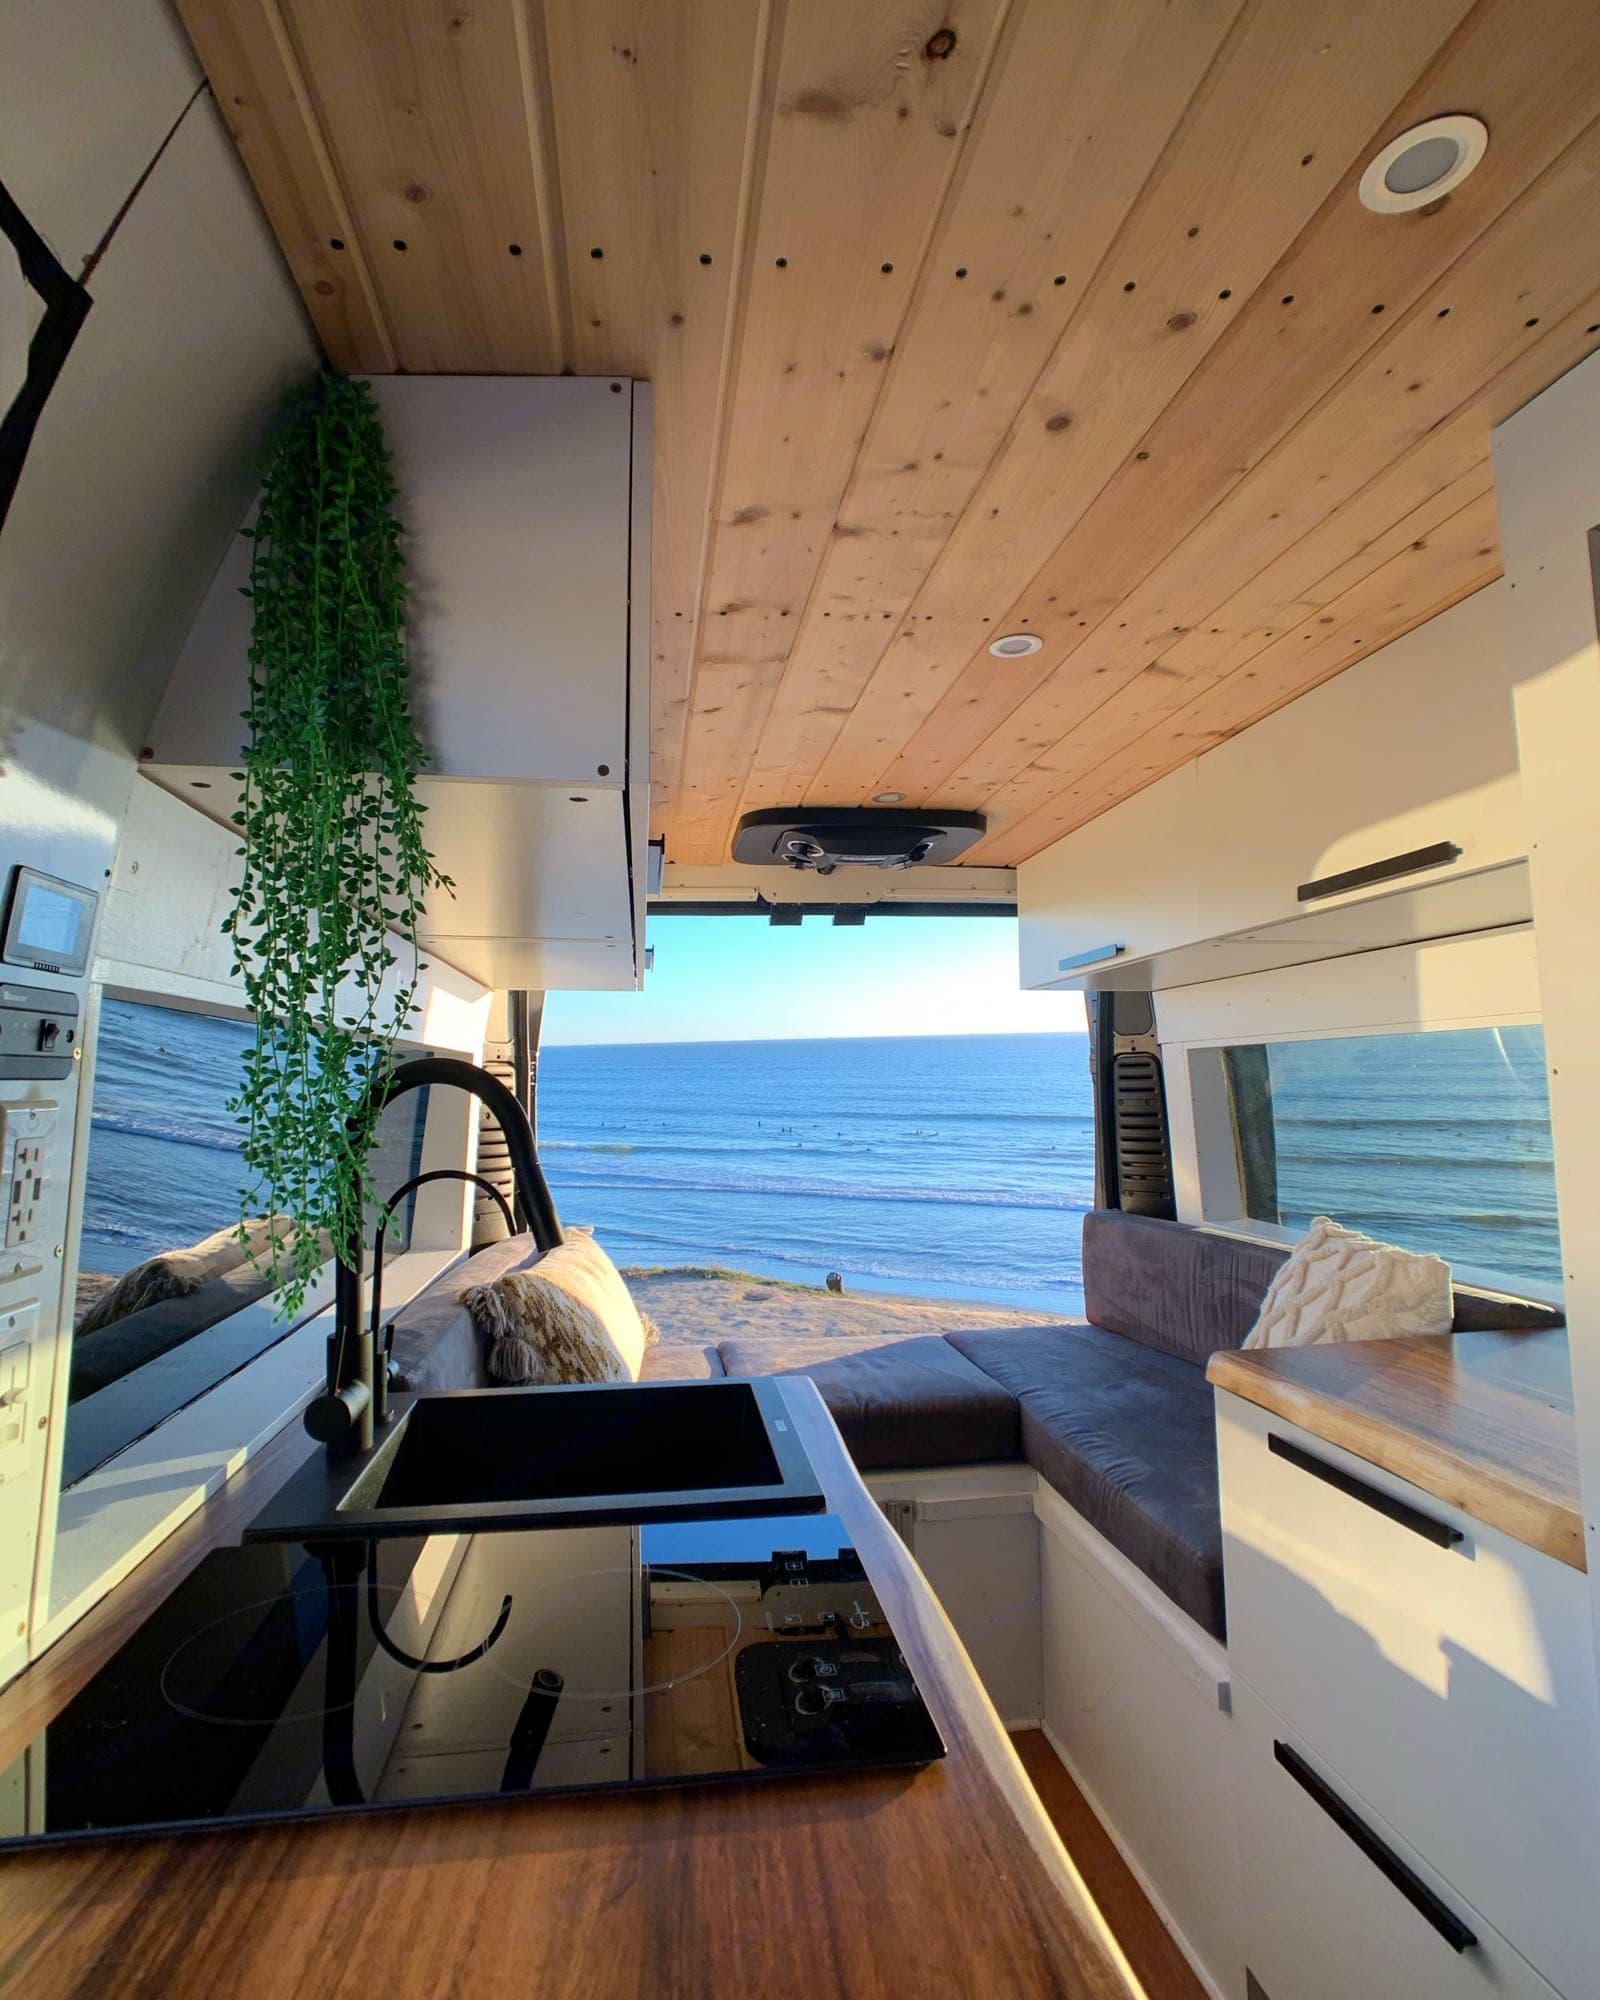 open the back doors and enjoy the ocean breeze. Dodge Ram 1500 2017